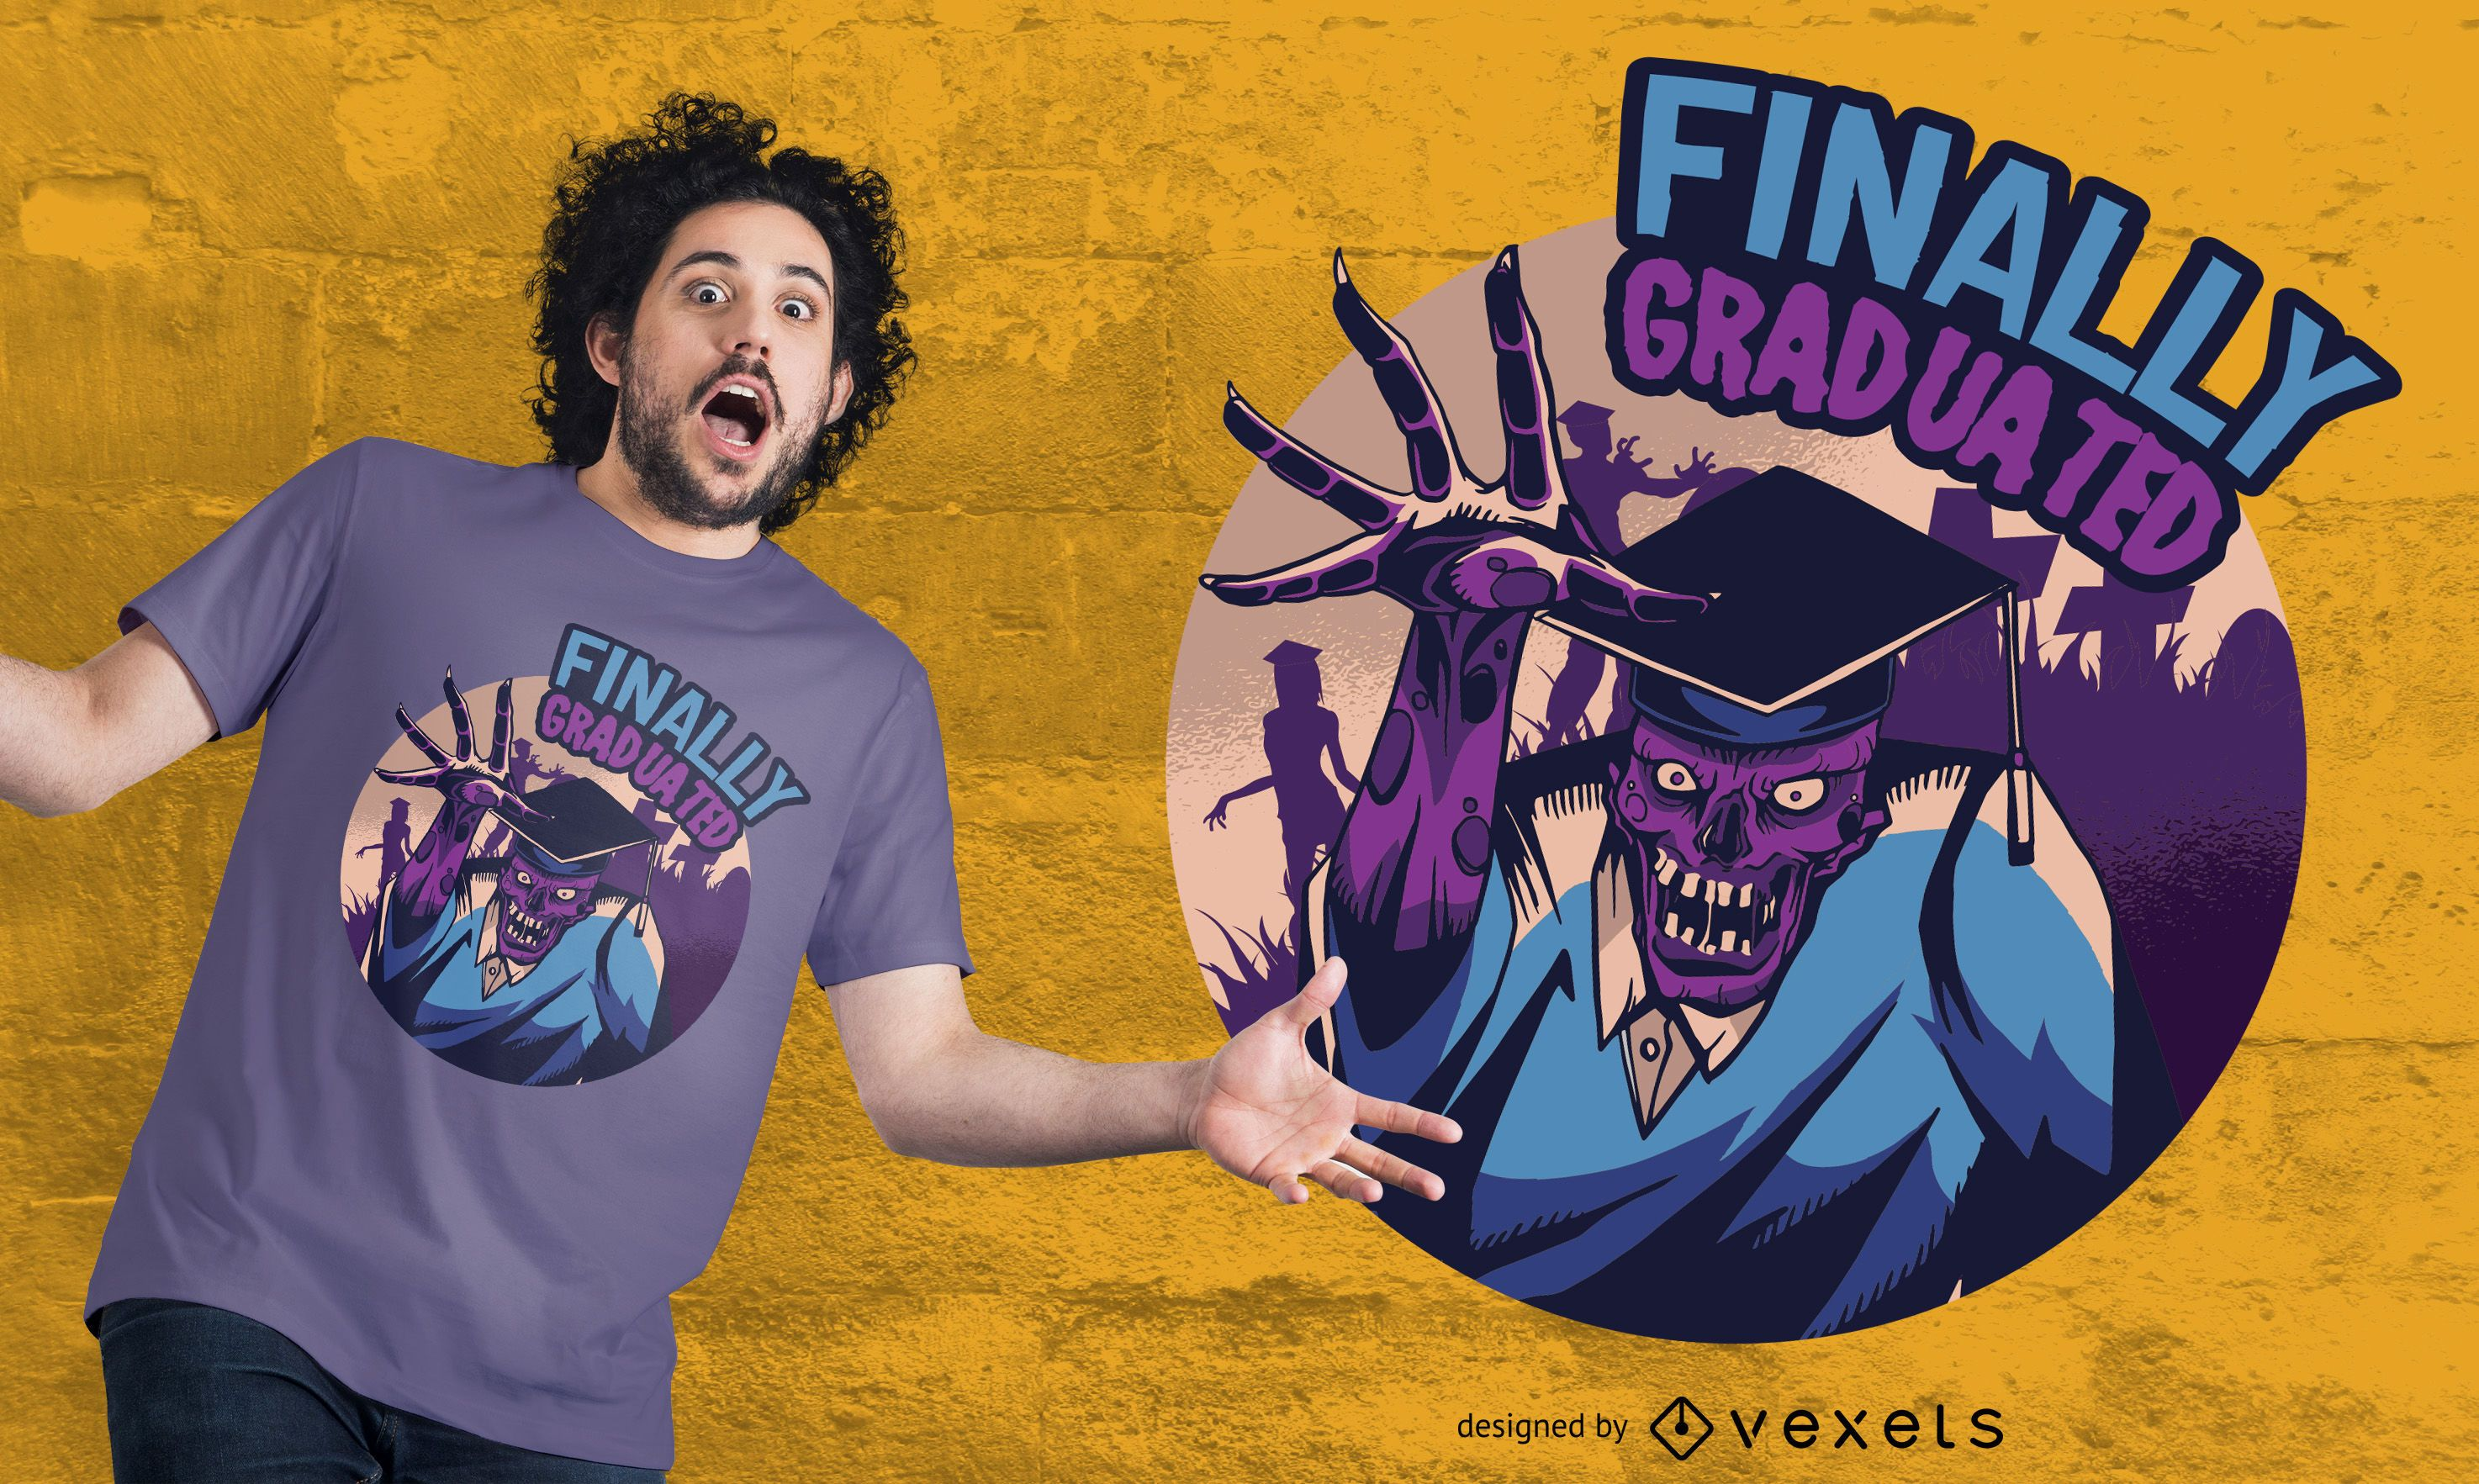 Diseño de camiseta finalmente graduado